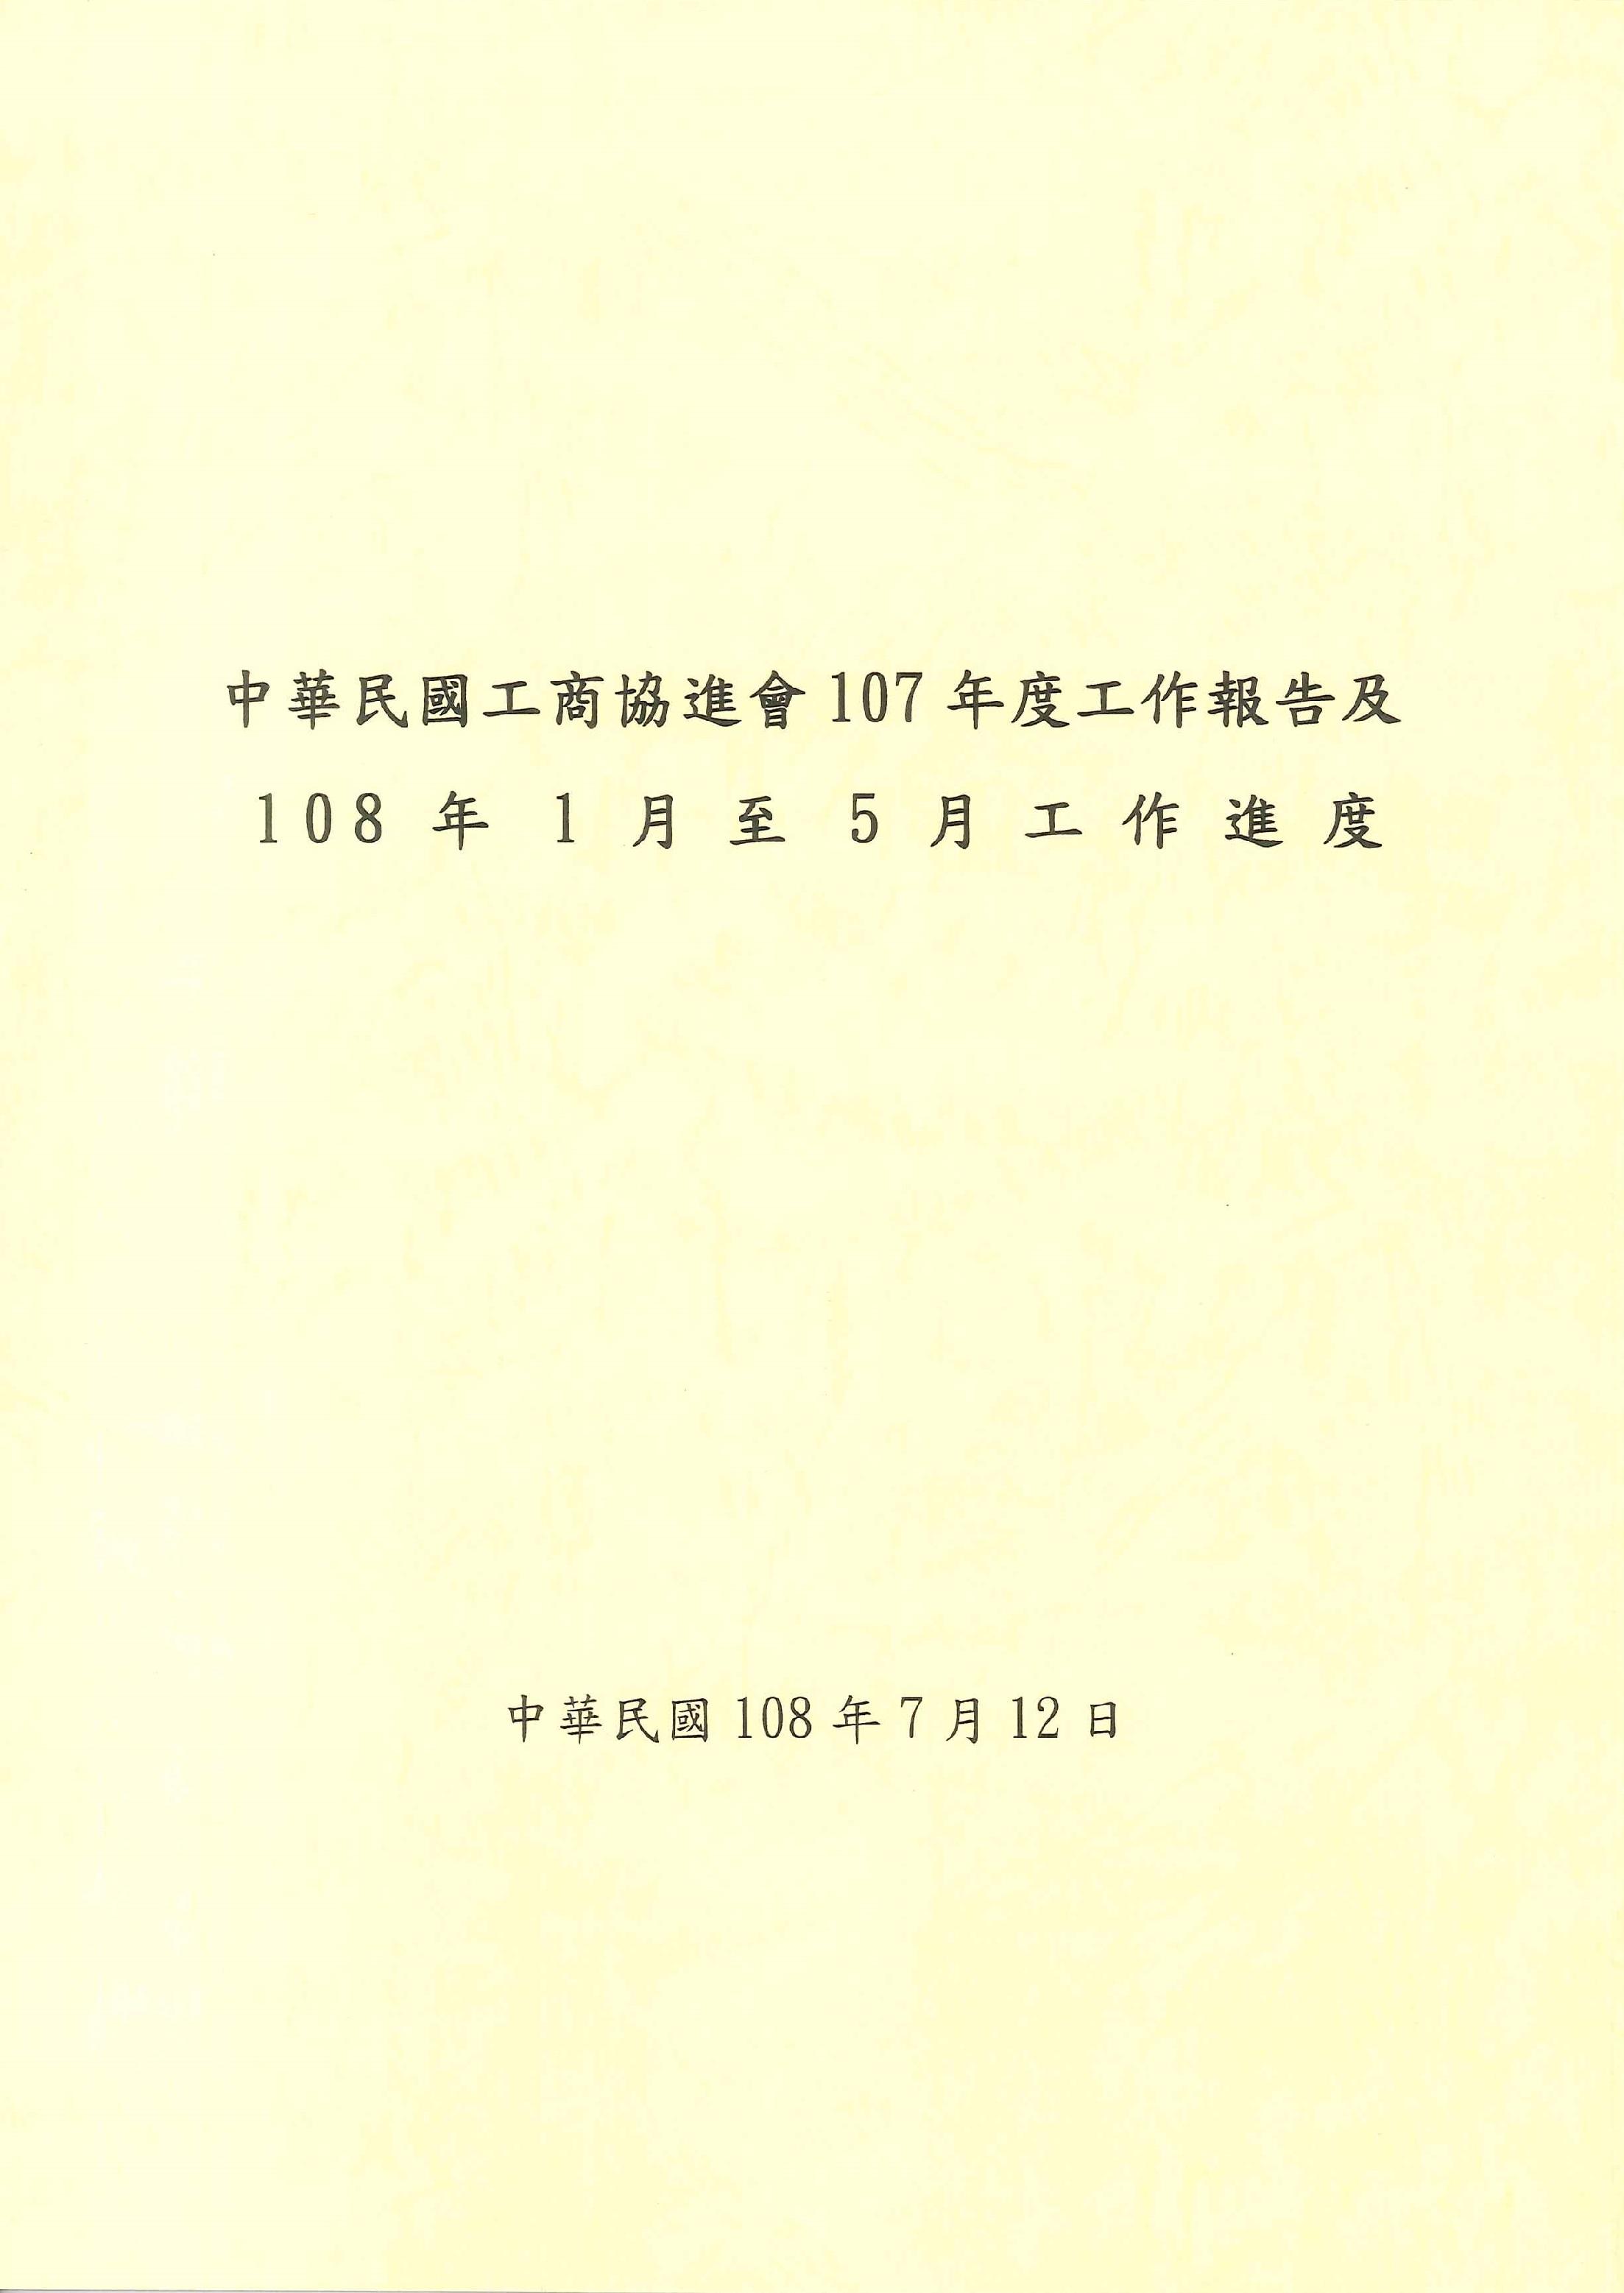 中華民國工商協進會:年度工作報告書